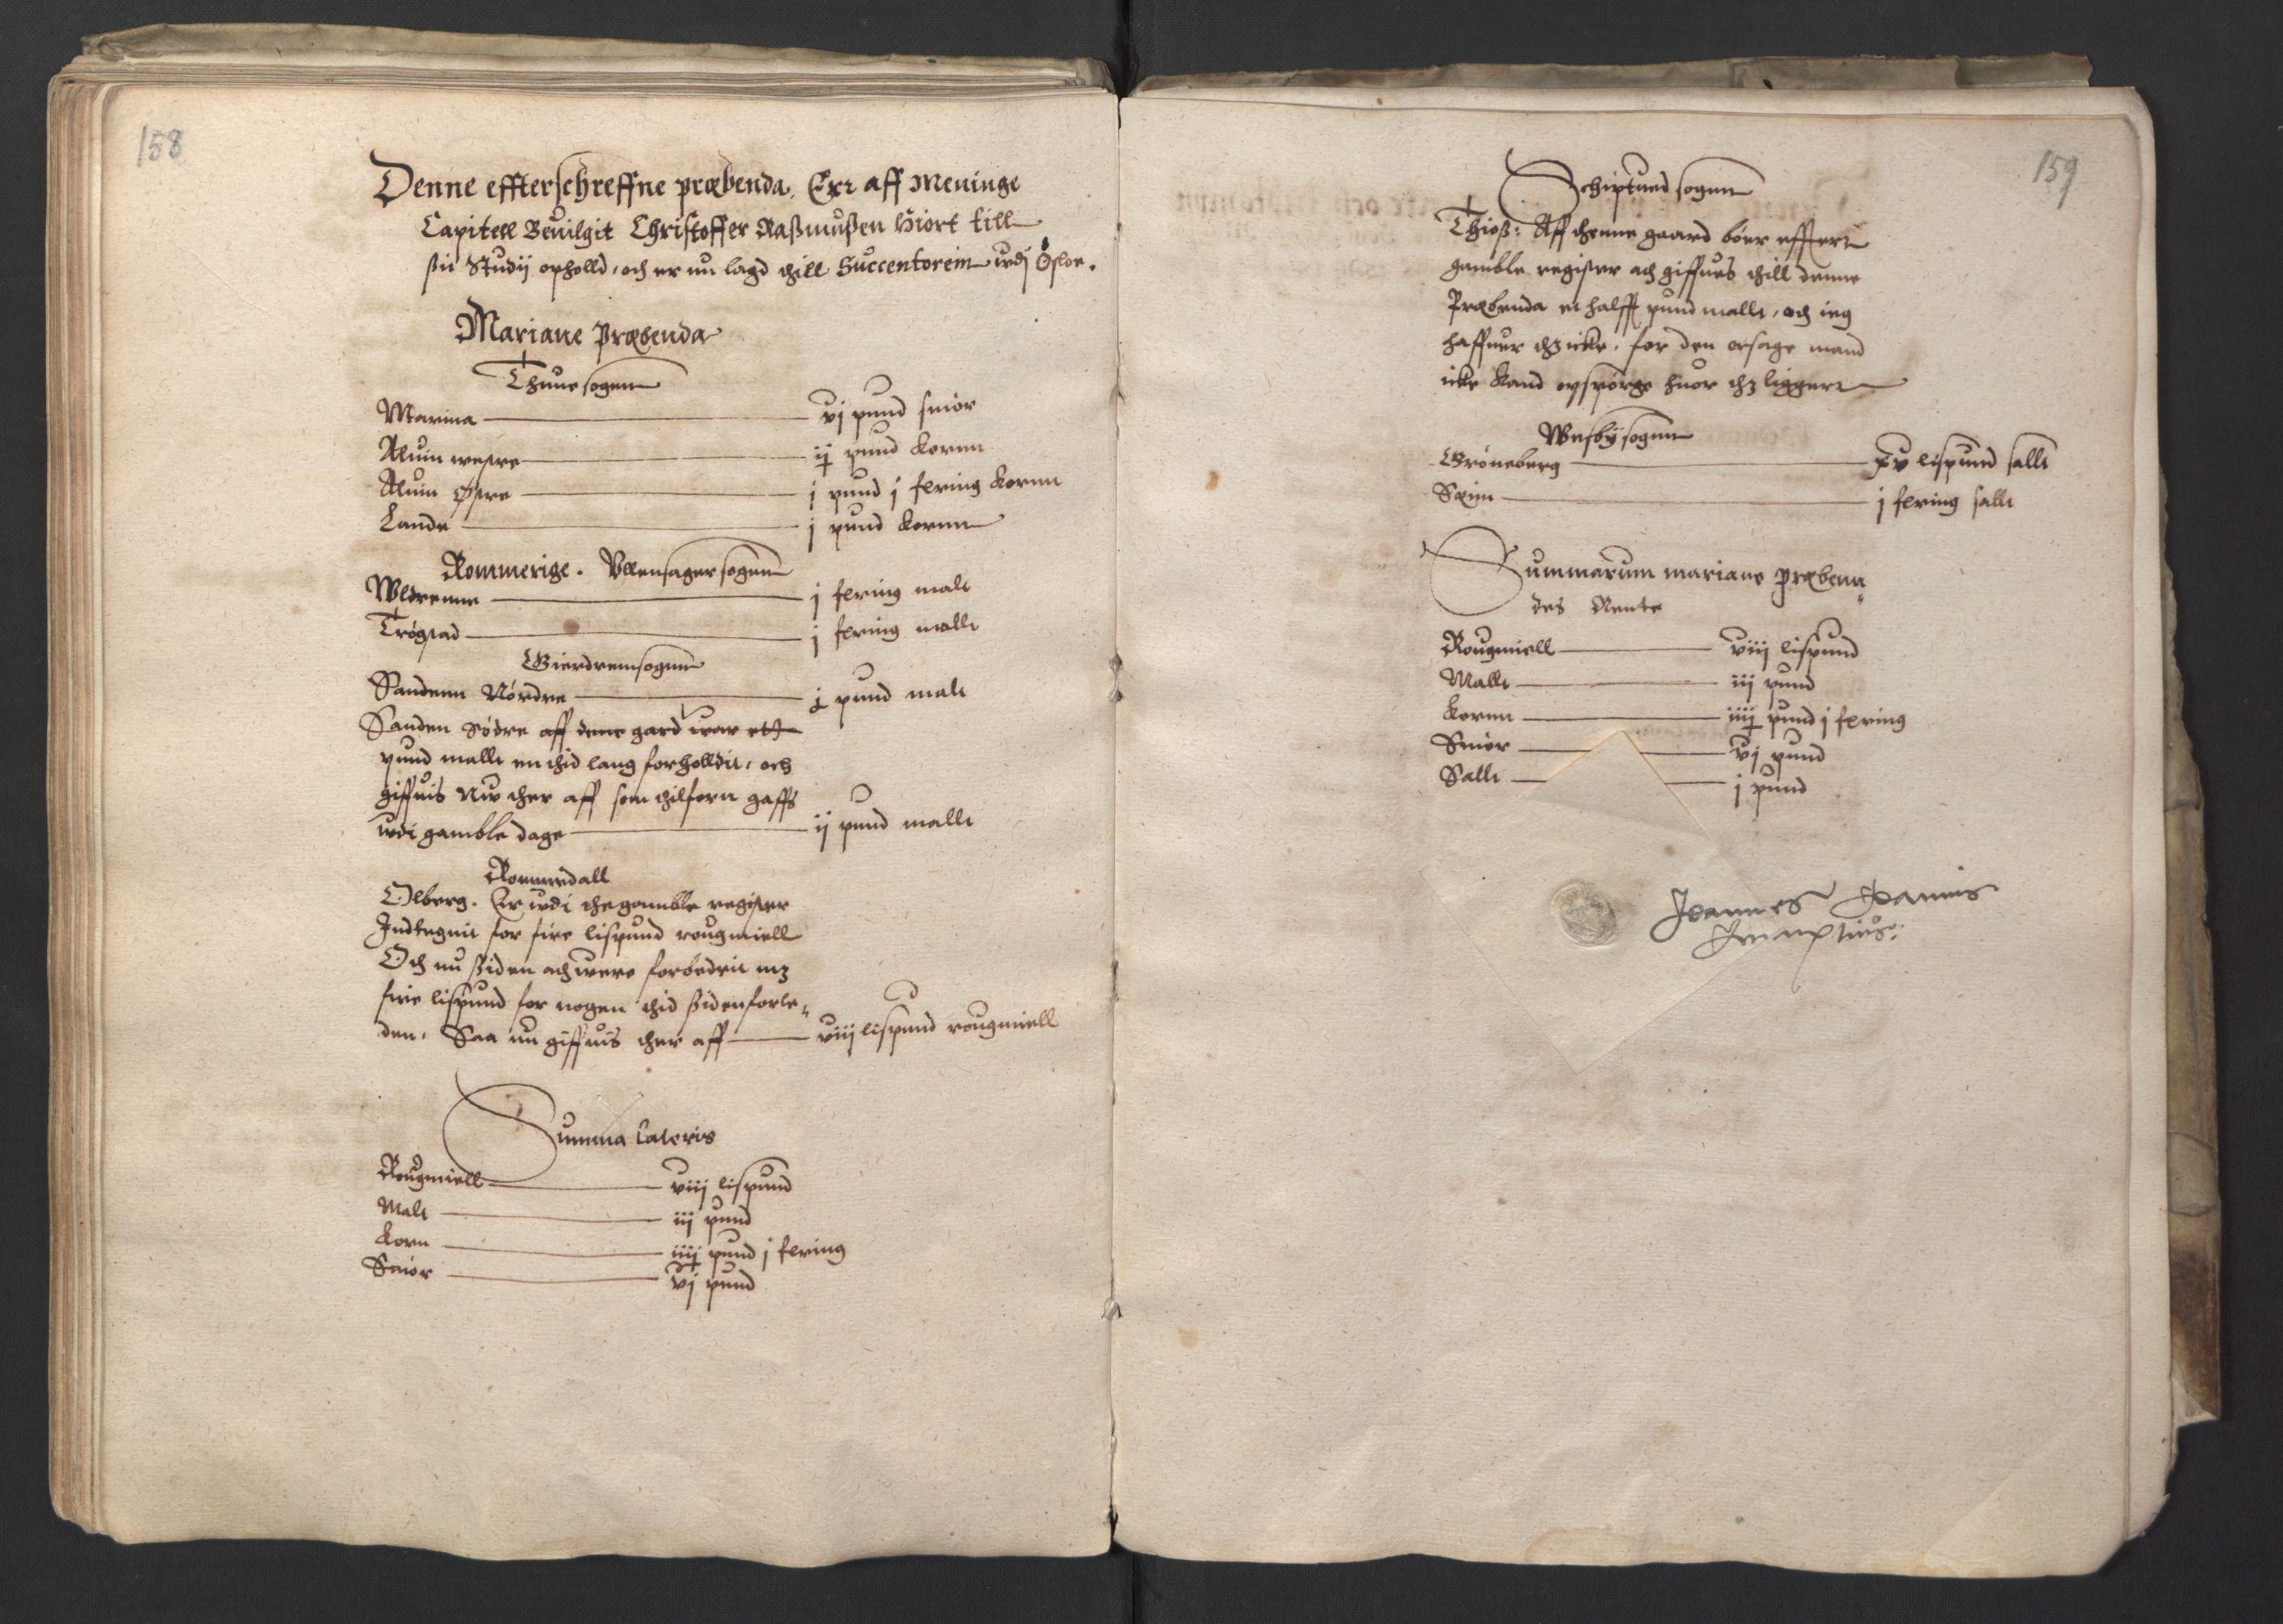 RA, Stattholderembetet 1572-1771, Ek/L0001: Jordebøker før 1624 og til utligning av garnisonsskatt 1624-1626:, 1595, s. 158-159